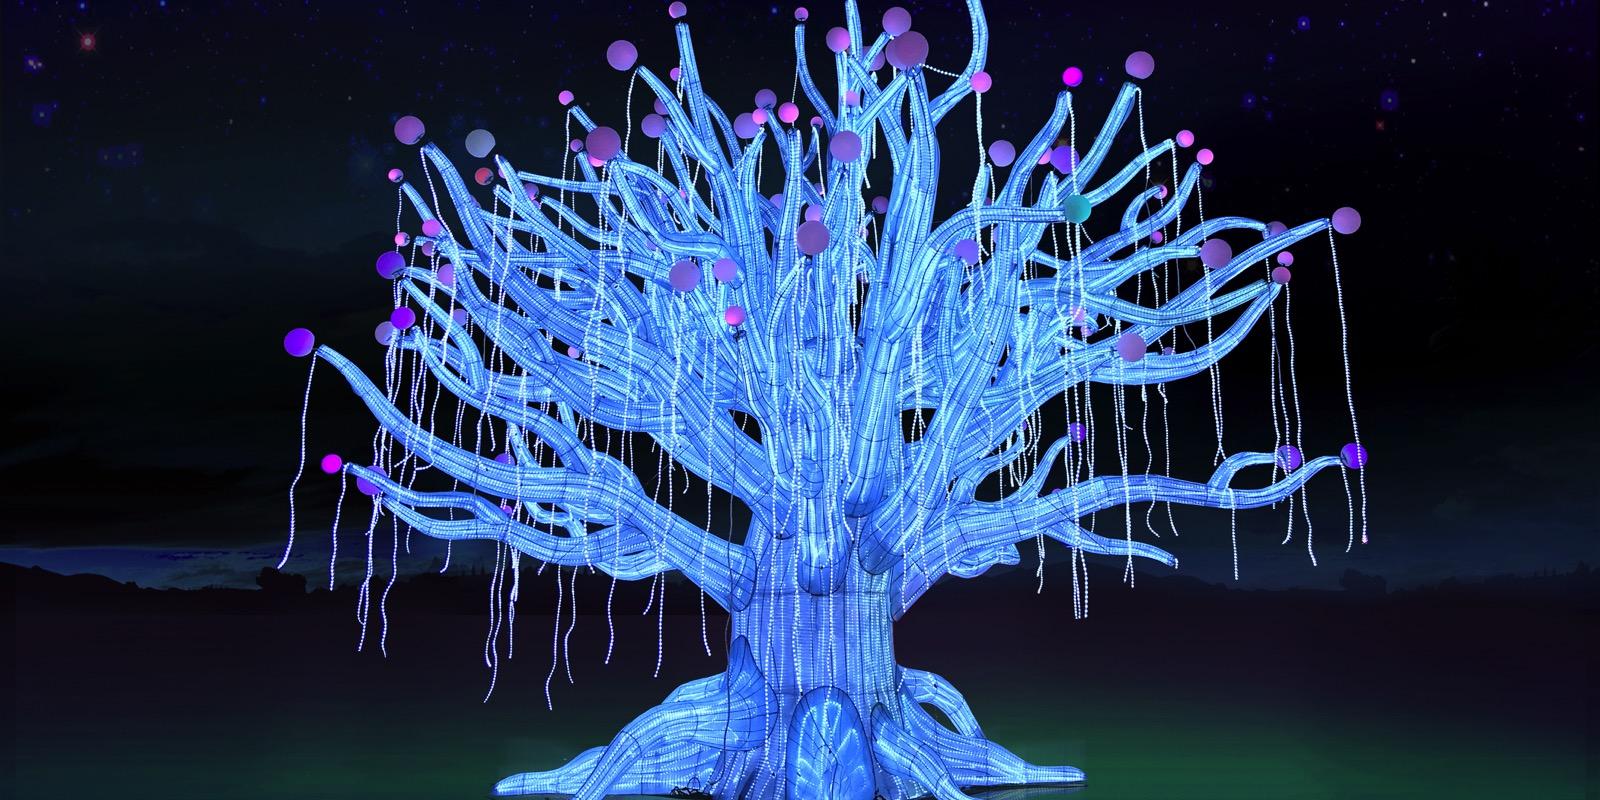 Moonlight Forest - Magical Lantern Art Festival